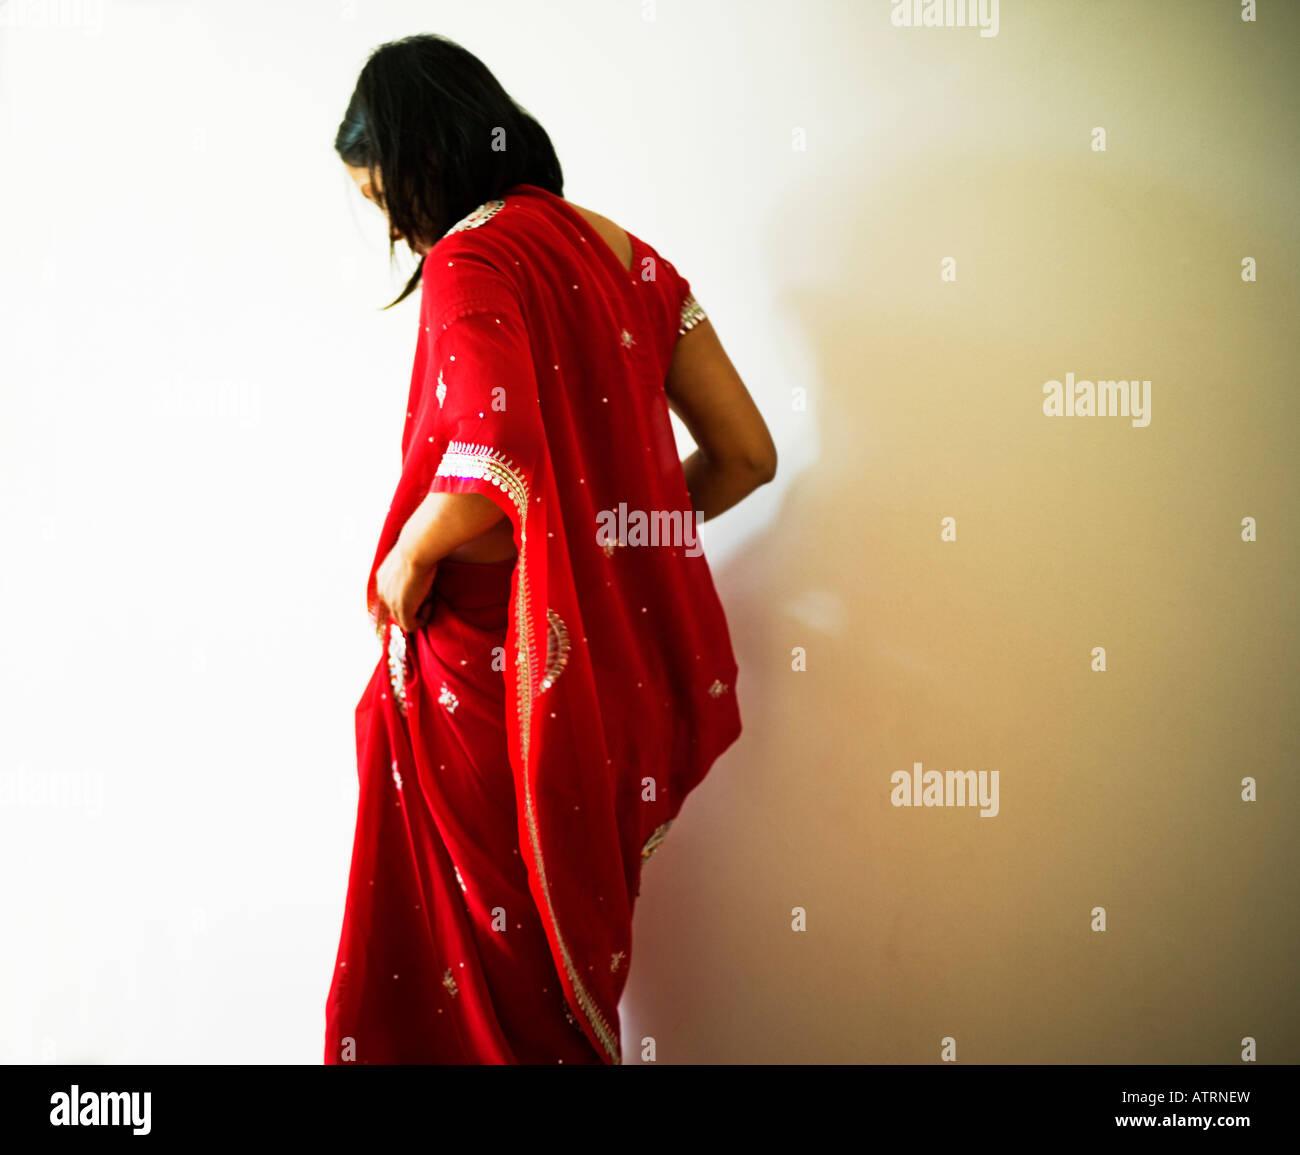 Woman in Red sari Immagini Stock